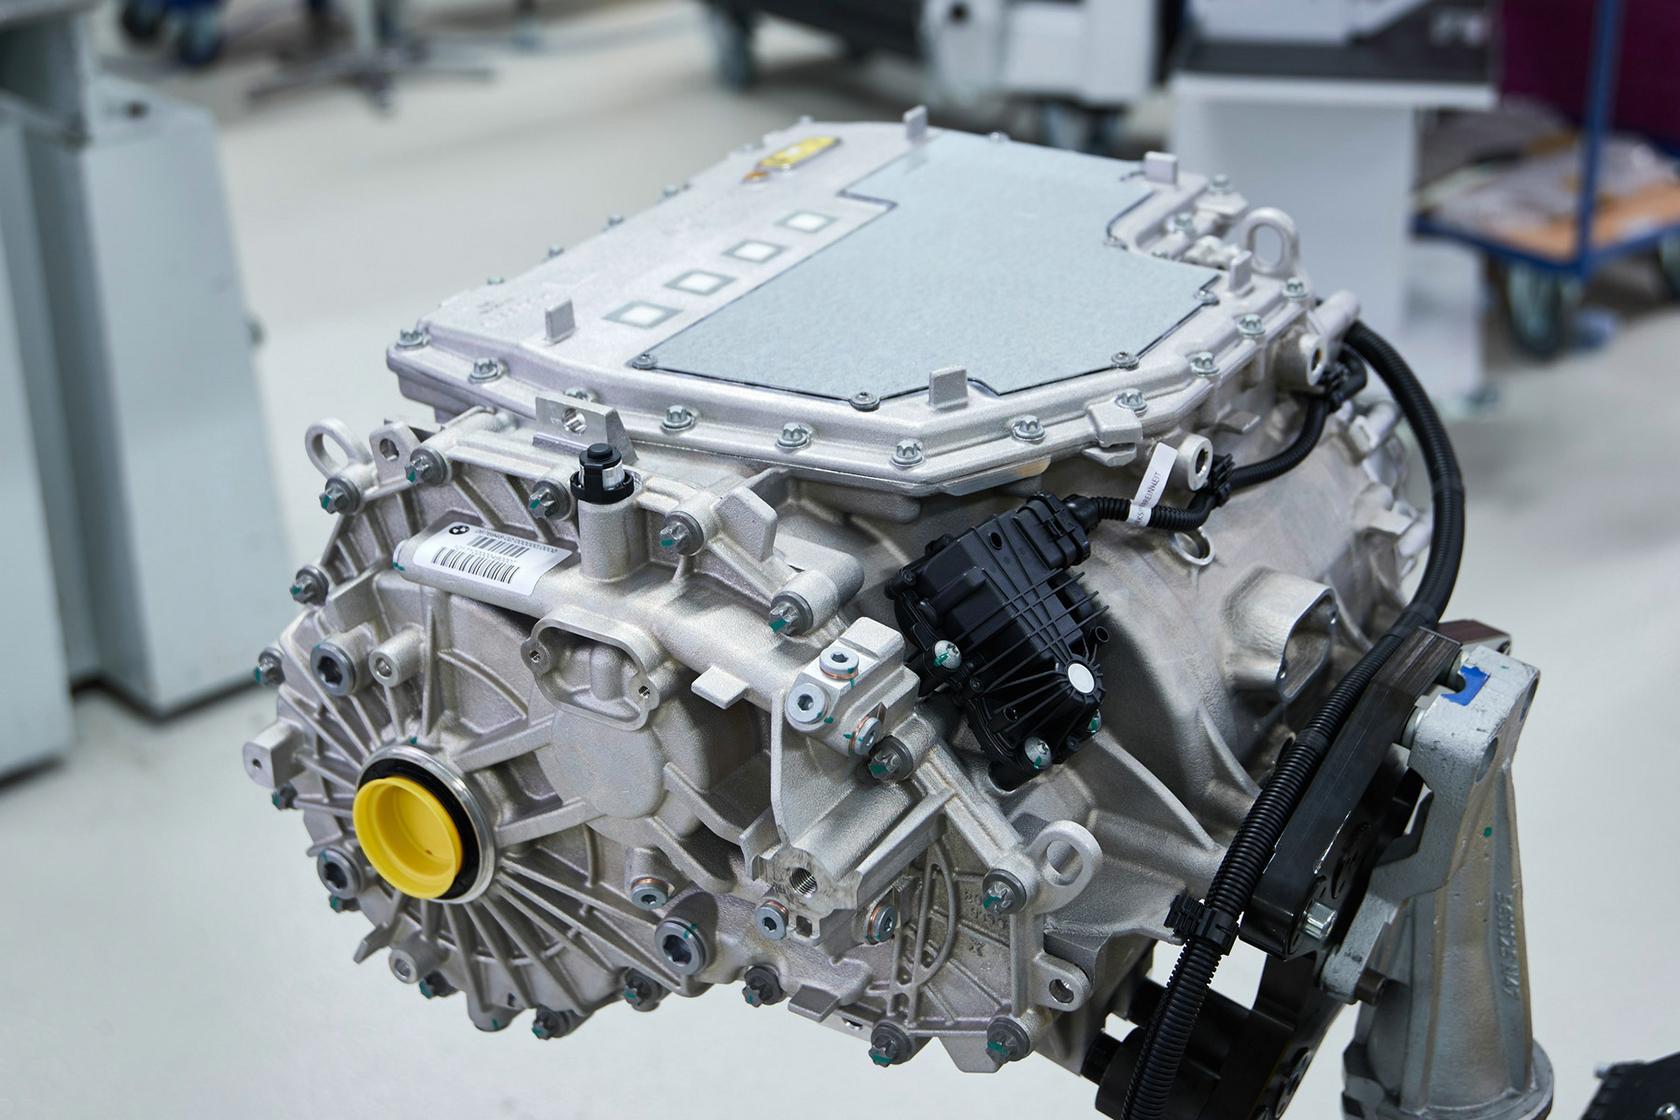 巨头先行 数百亿级新能源汽车电机市场待开拓